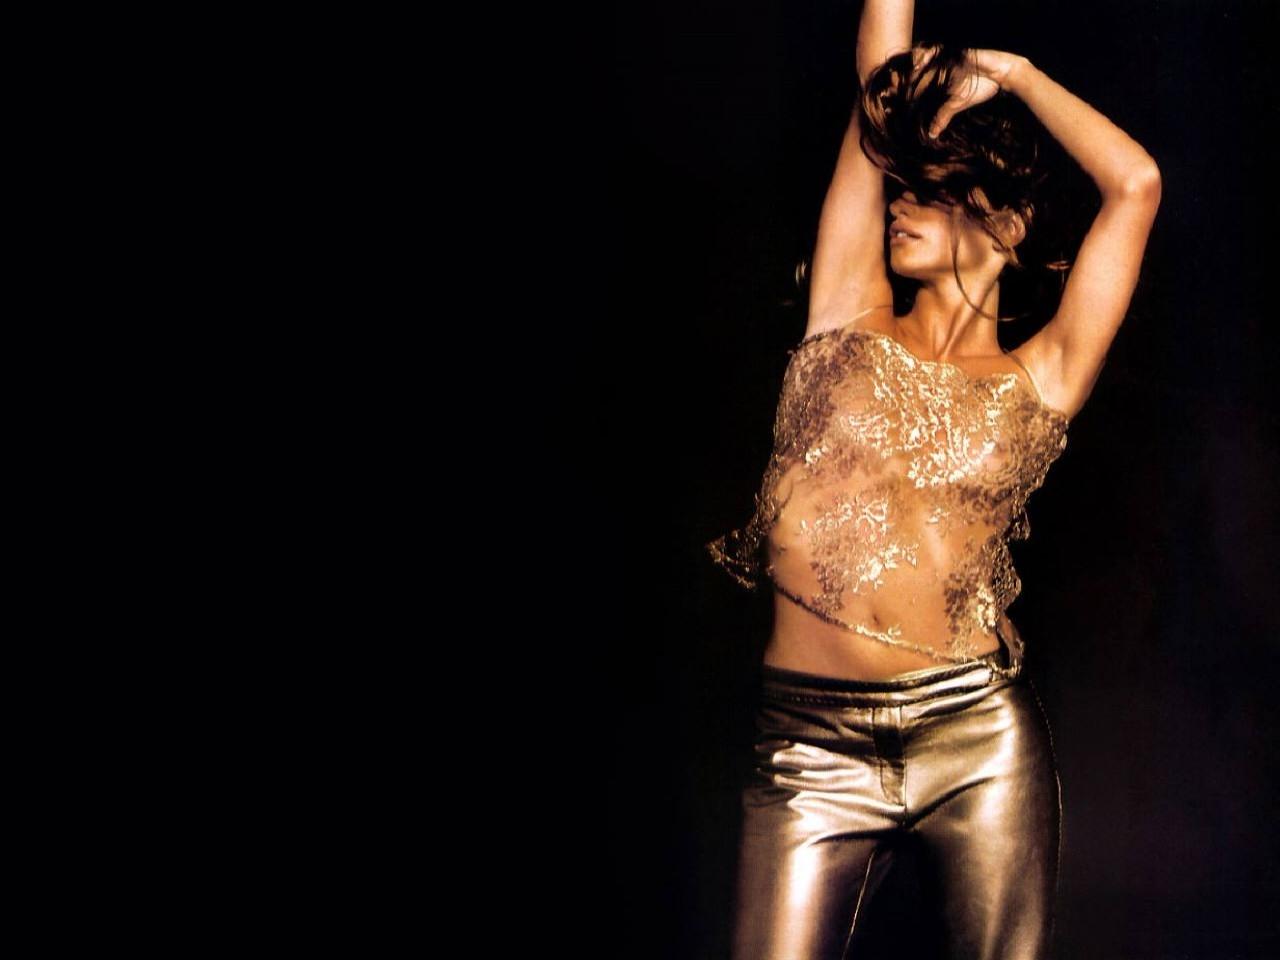 Wallpaper di Penelope Cruz - la sexy attrice spagnola è diventata la musa di Almodovar